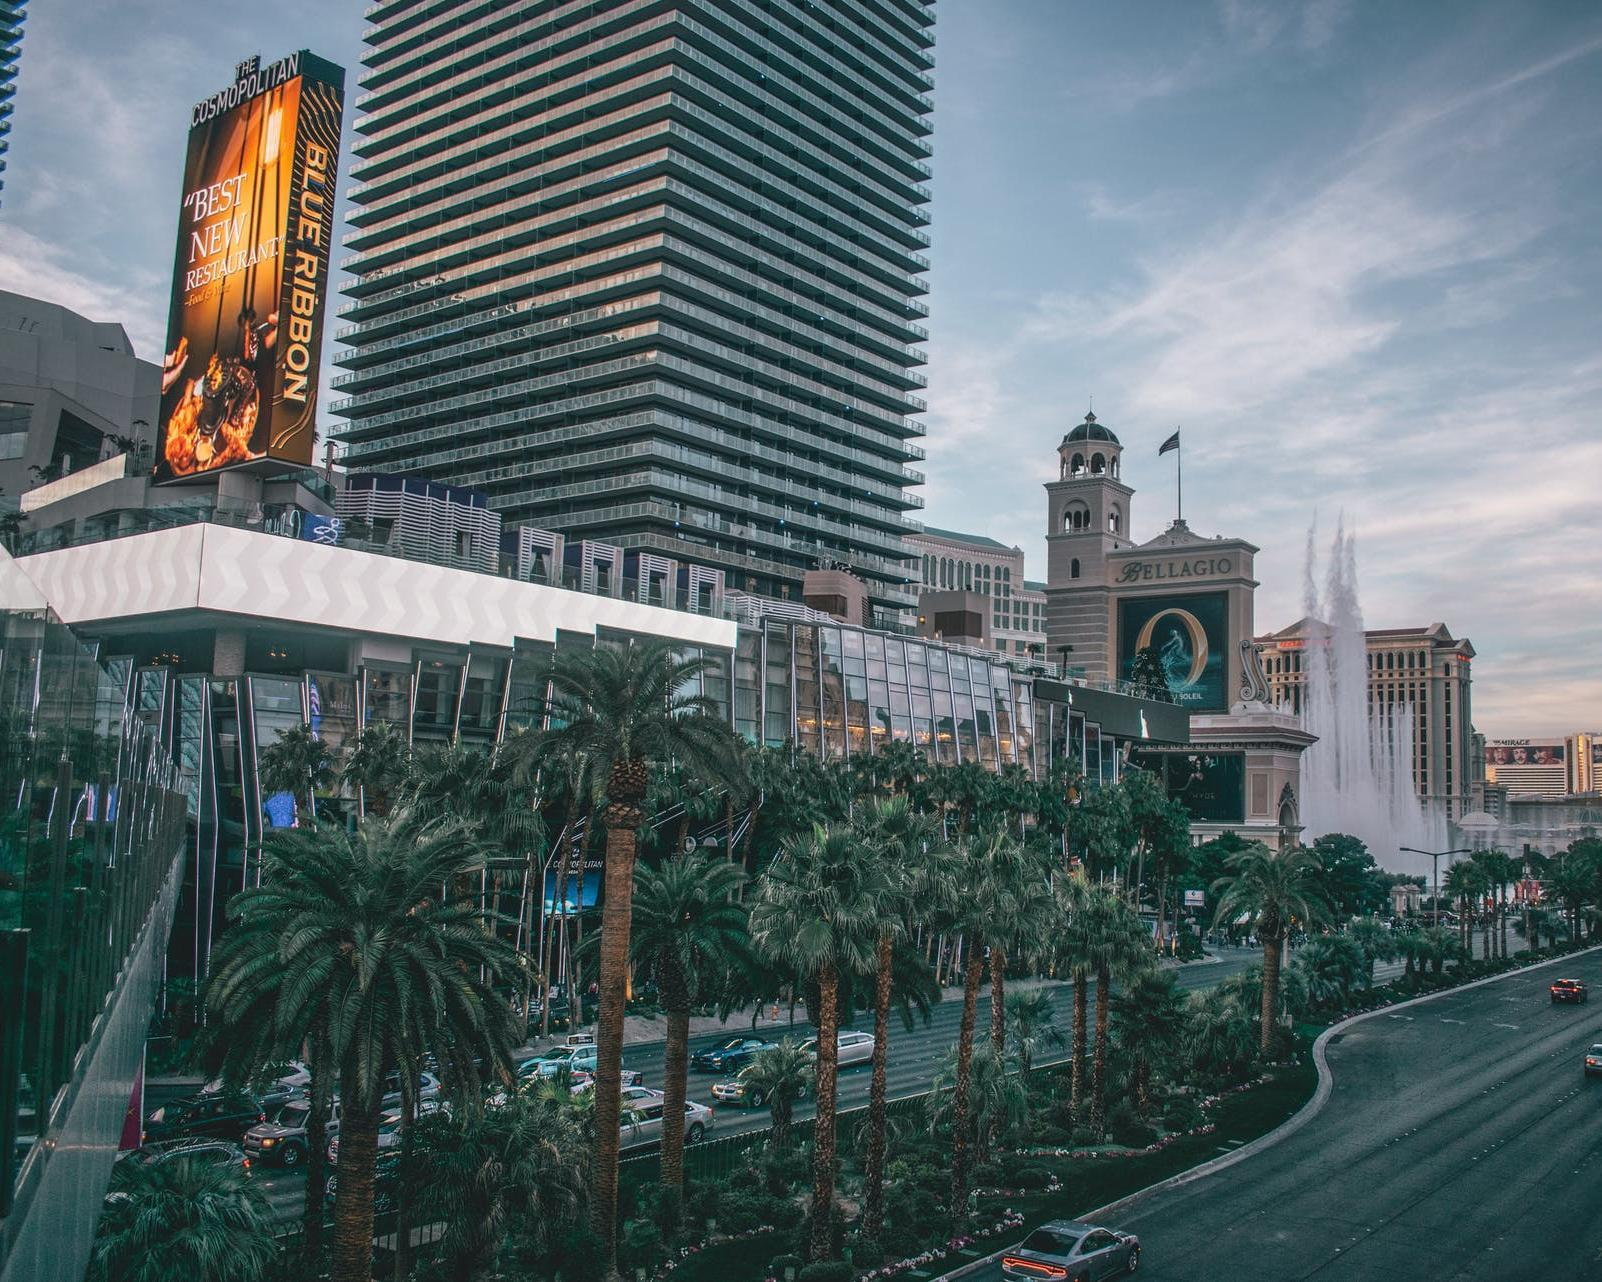 Estados Unidos de America Las Vegas (Nevada)